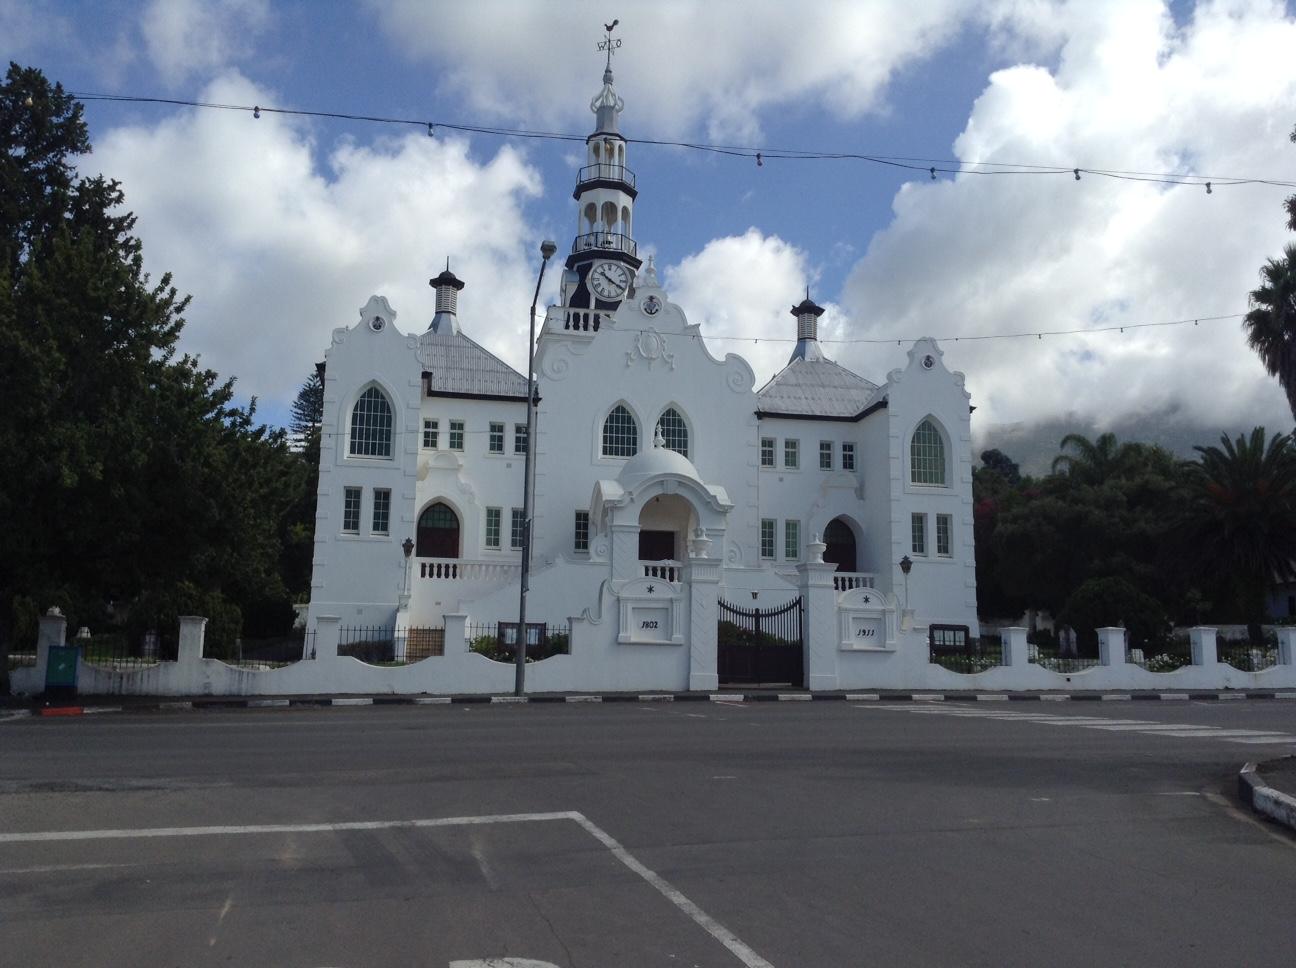 NG Kerk van oorkant die hoofstraat